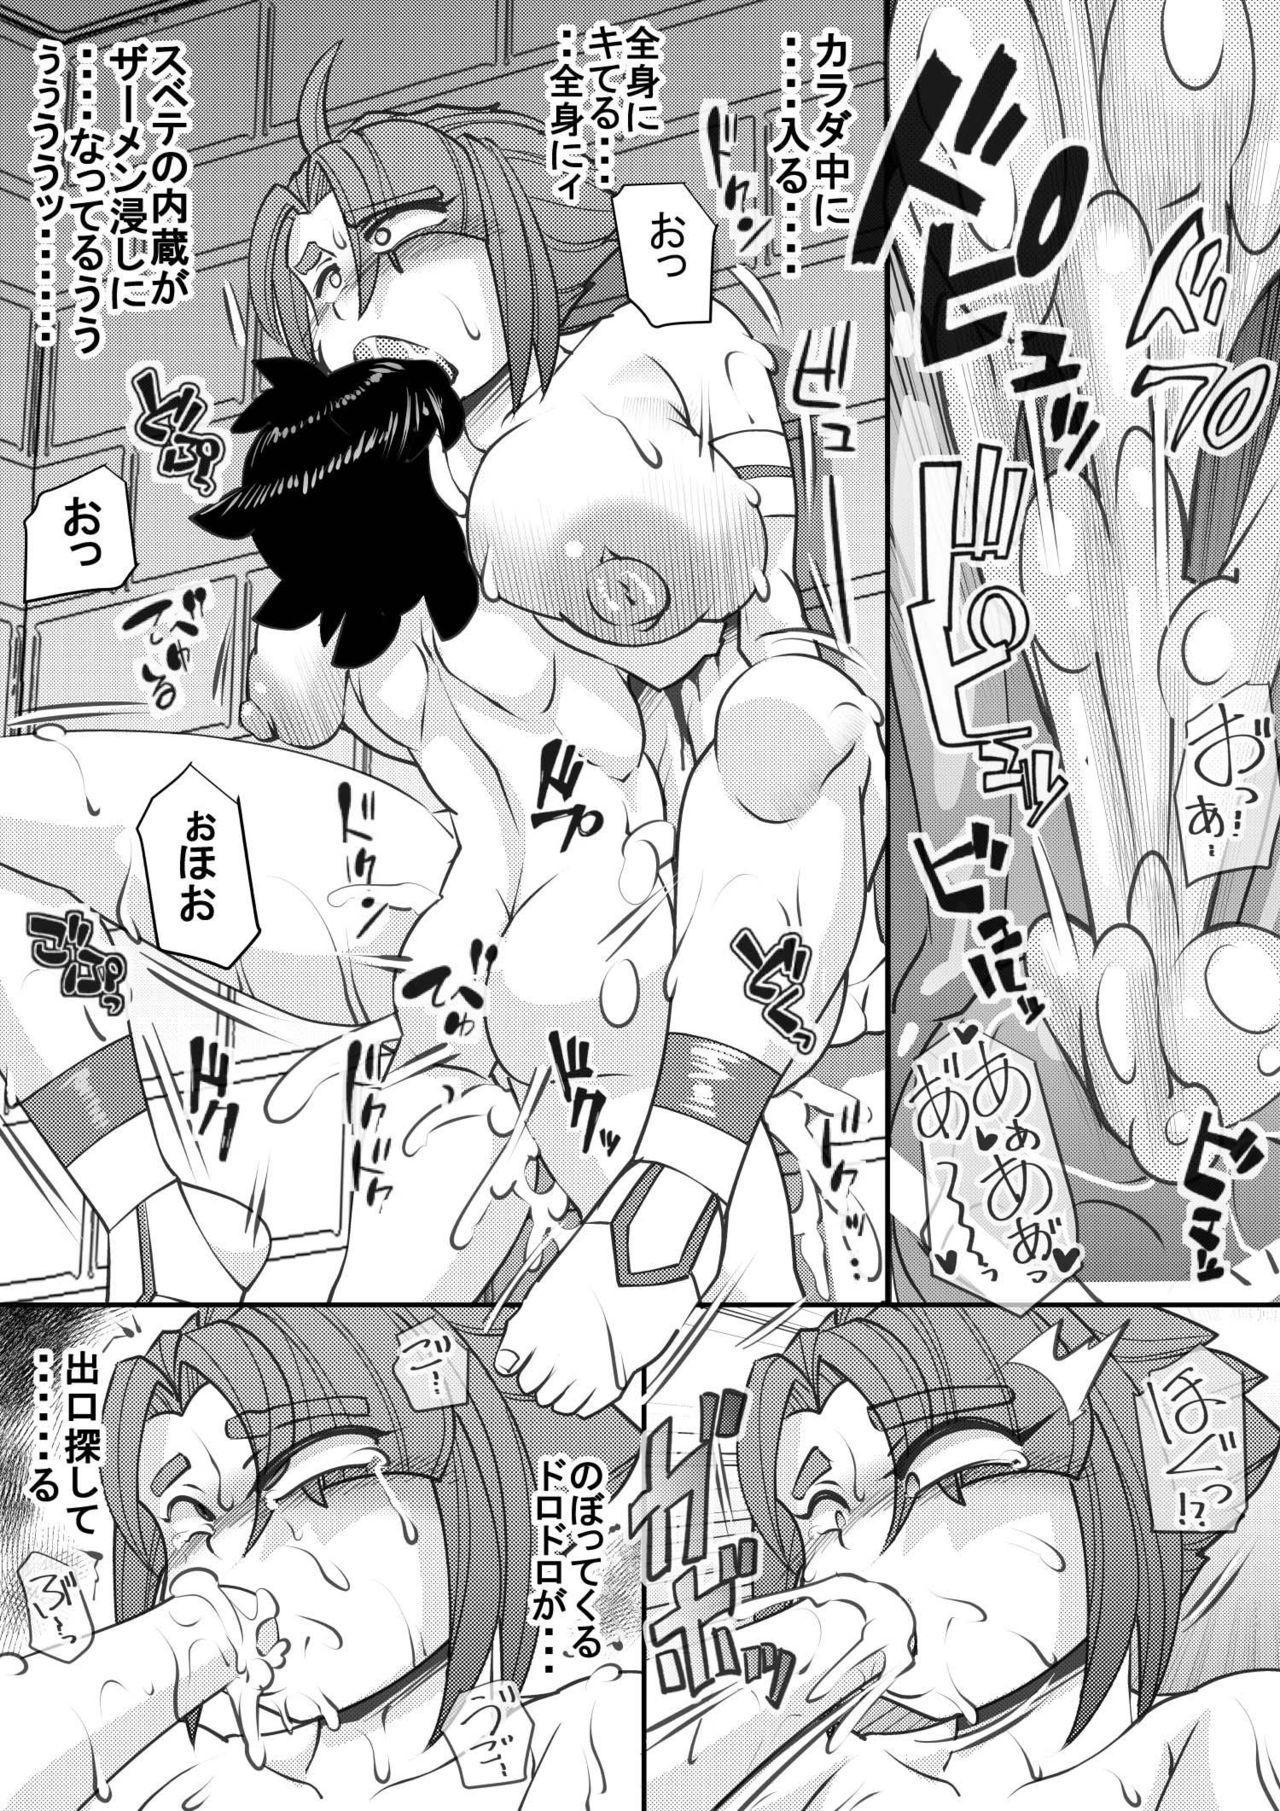 Uchi no Joseito Zenin Haramaseta Kedamono ga Anta no Gakuen ni Iku Rashii yo? 27 12